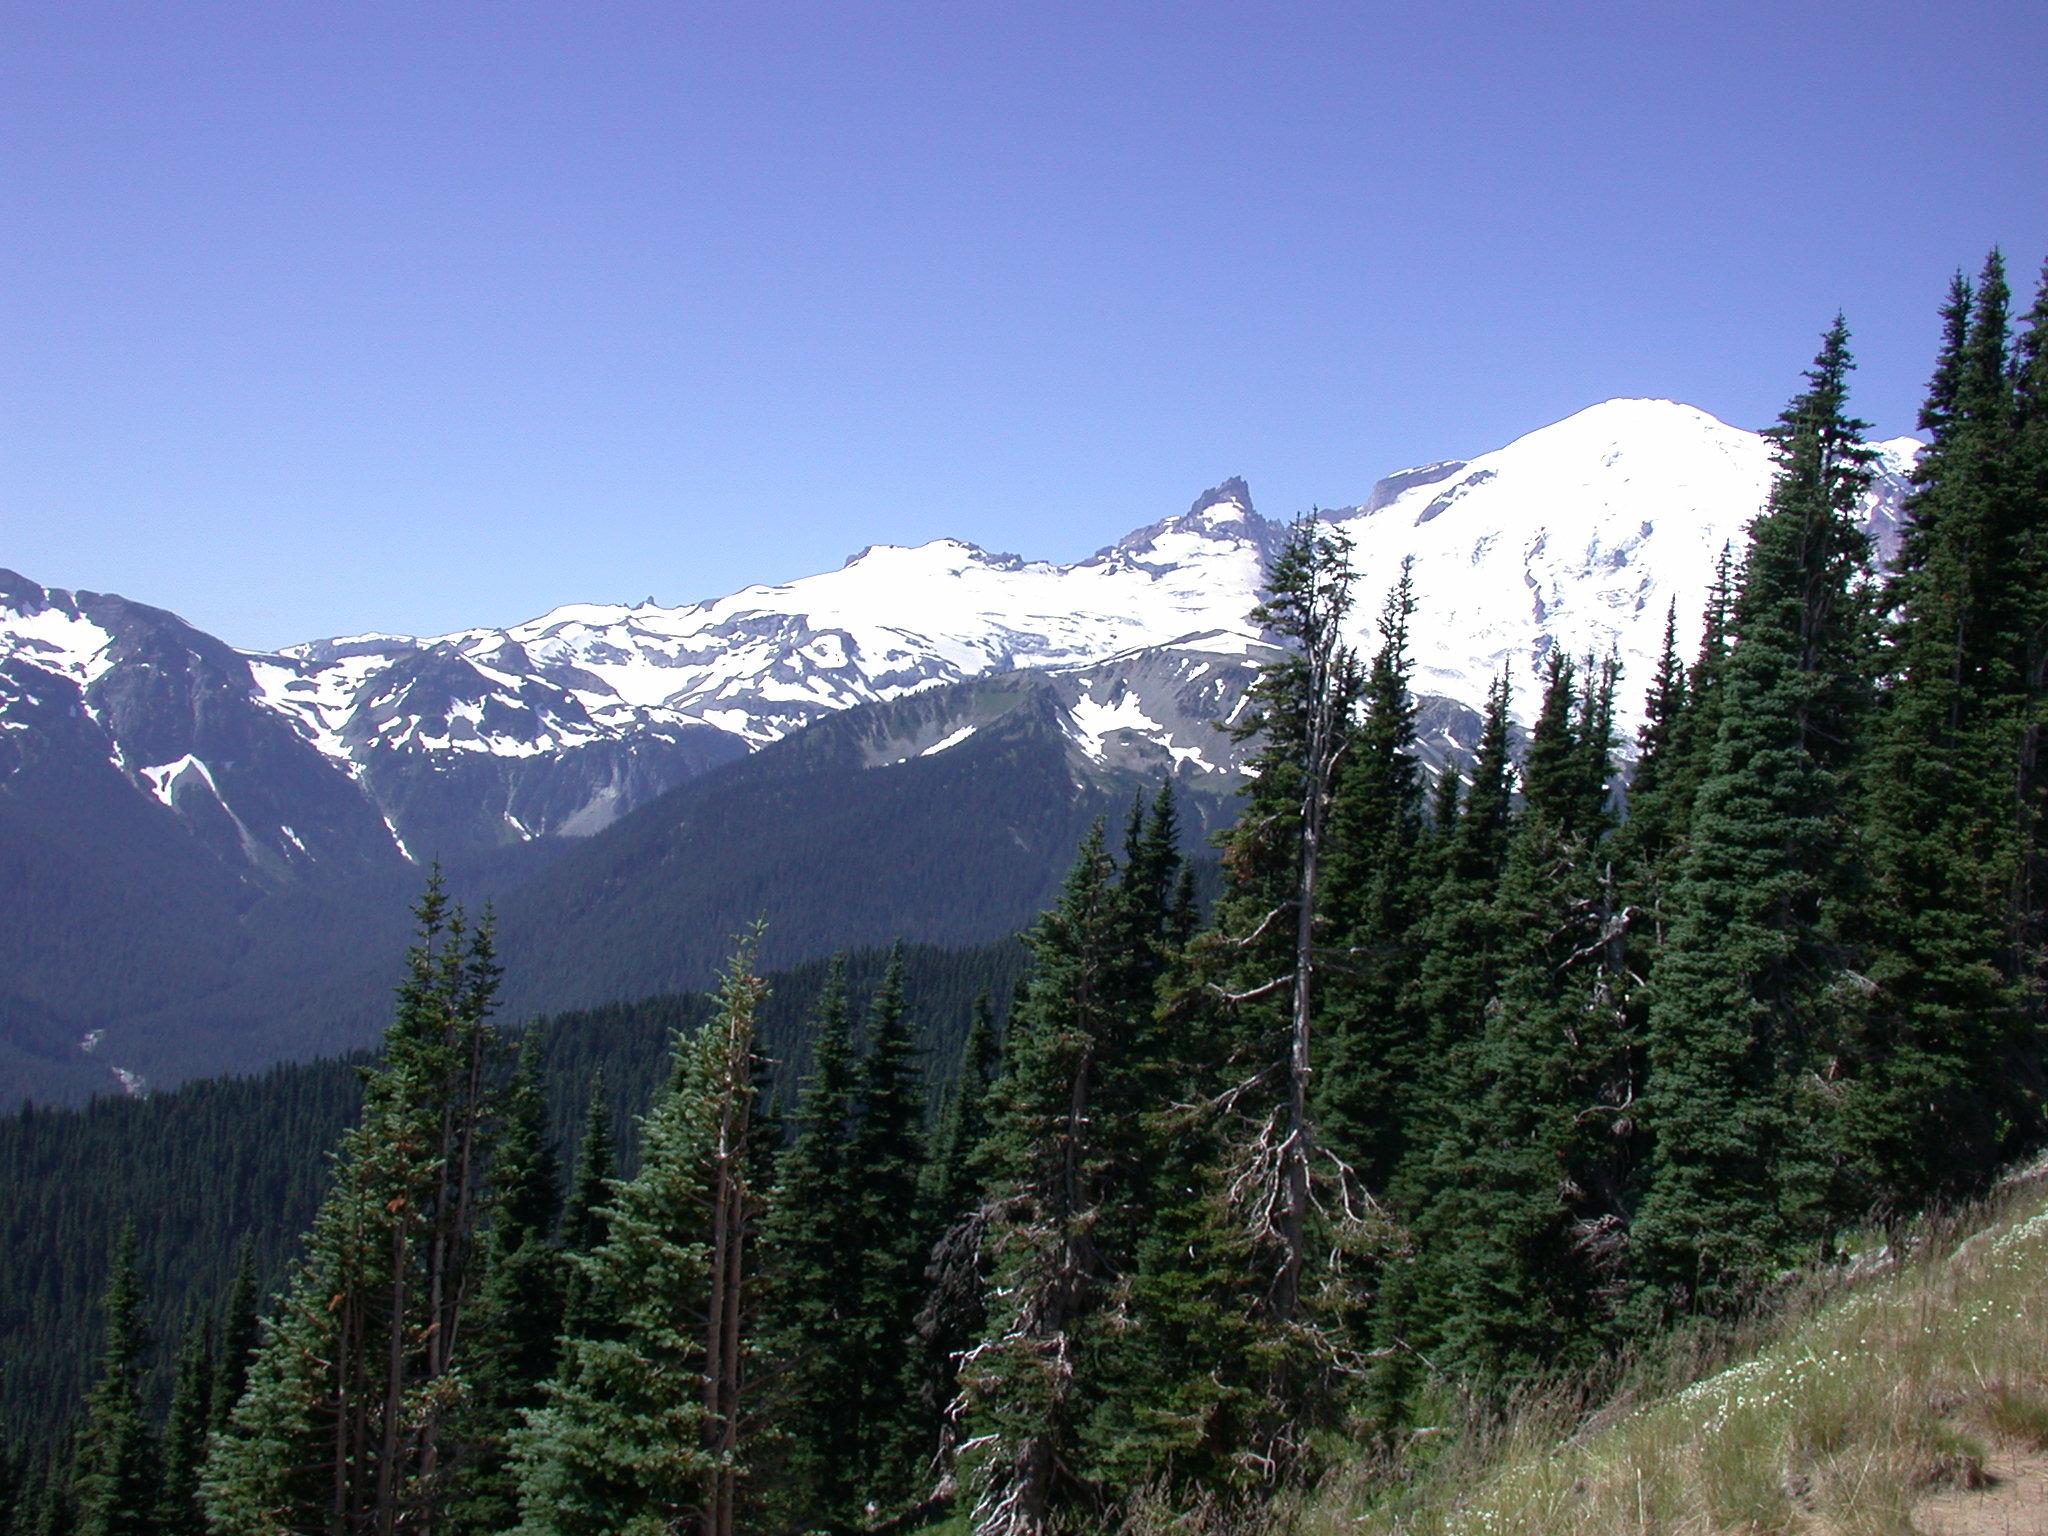 Snowy Peaks Near Mount Rainier